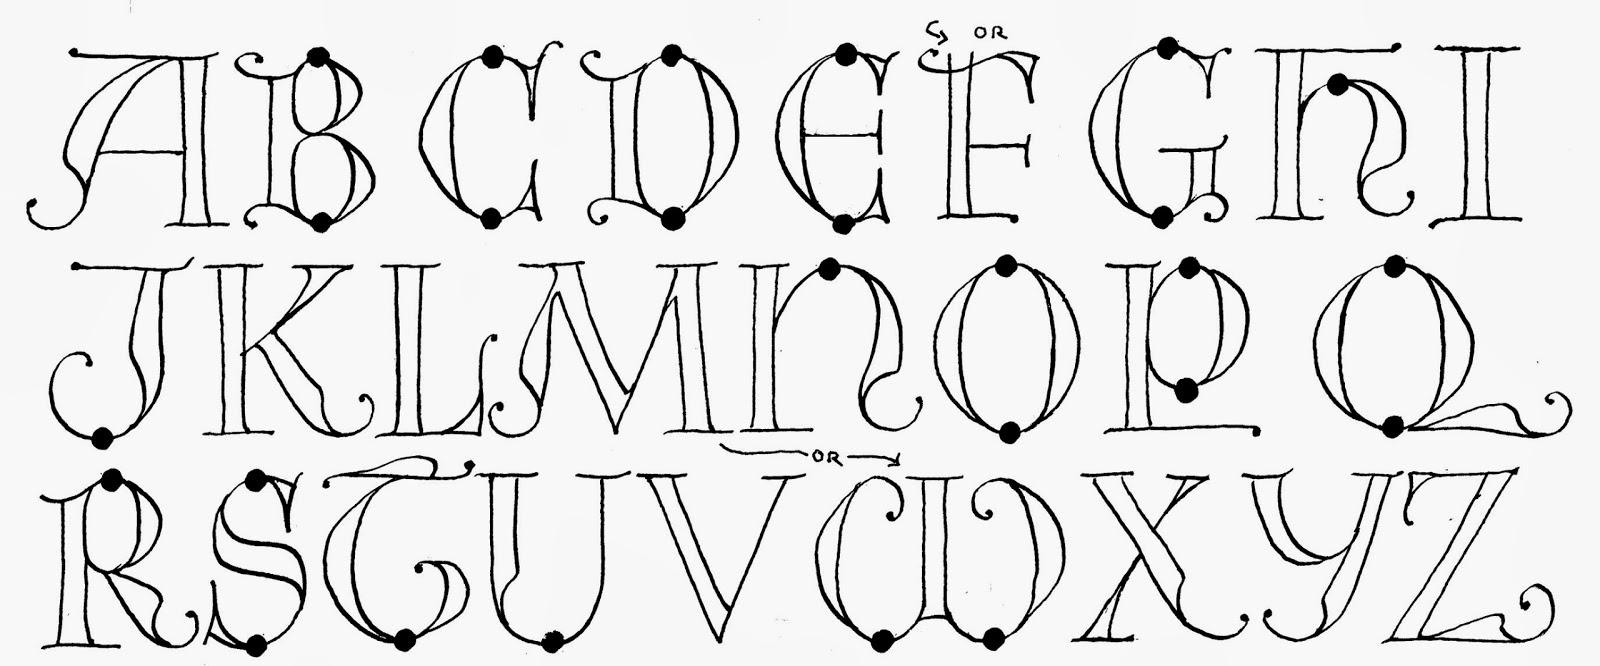 Margaret Shepherd Calligraphy Blog November 2013